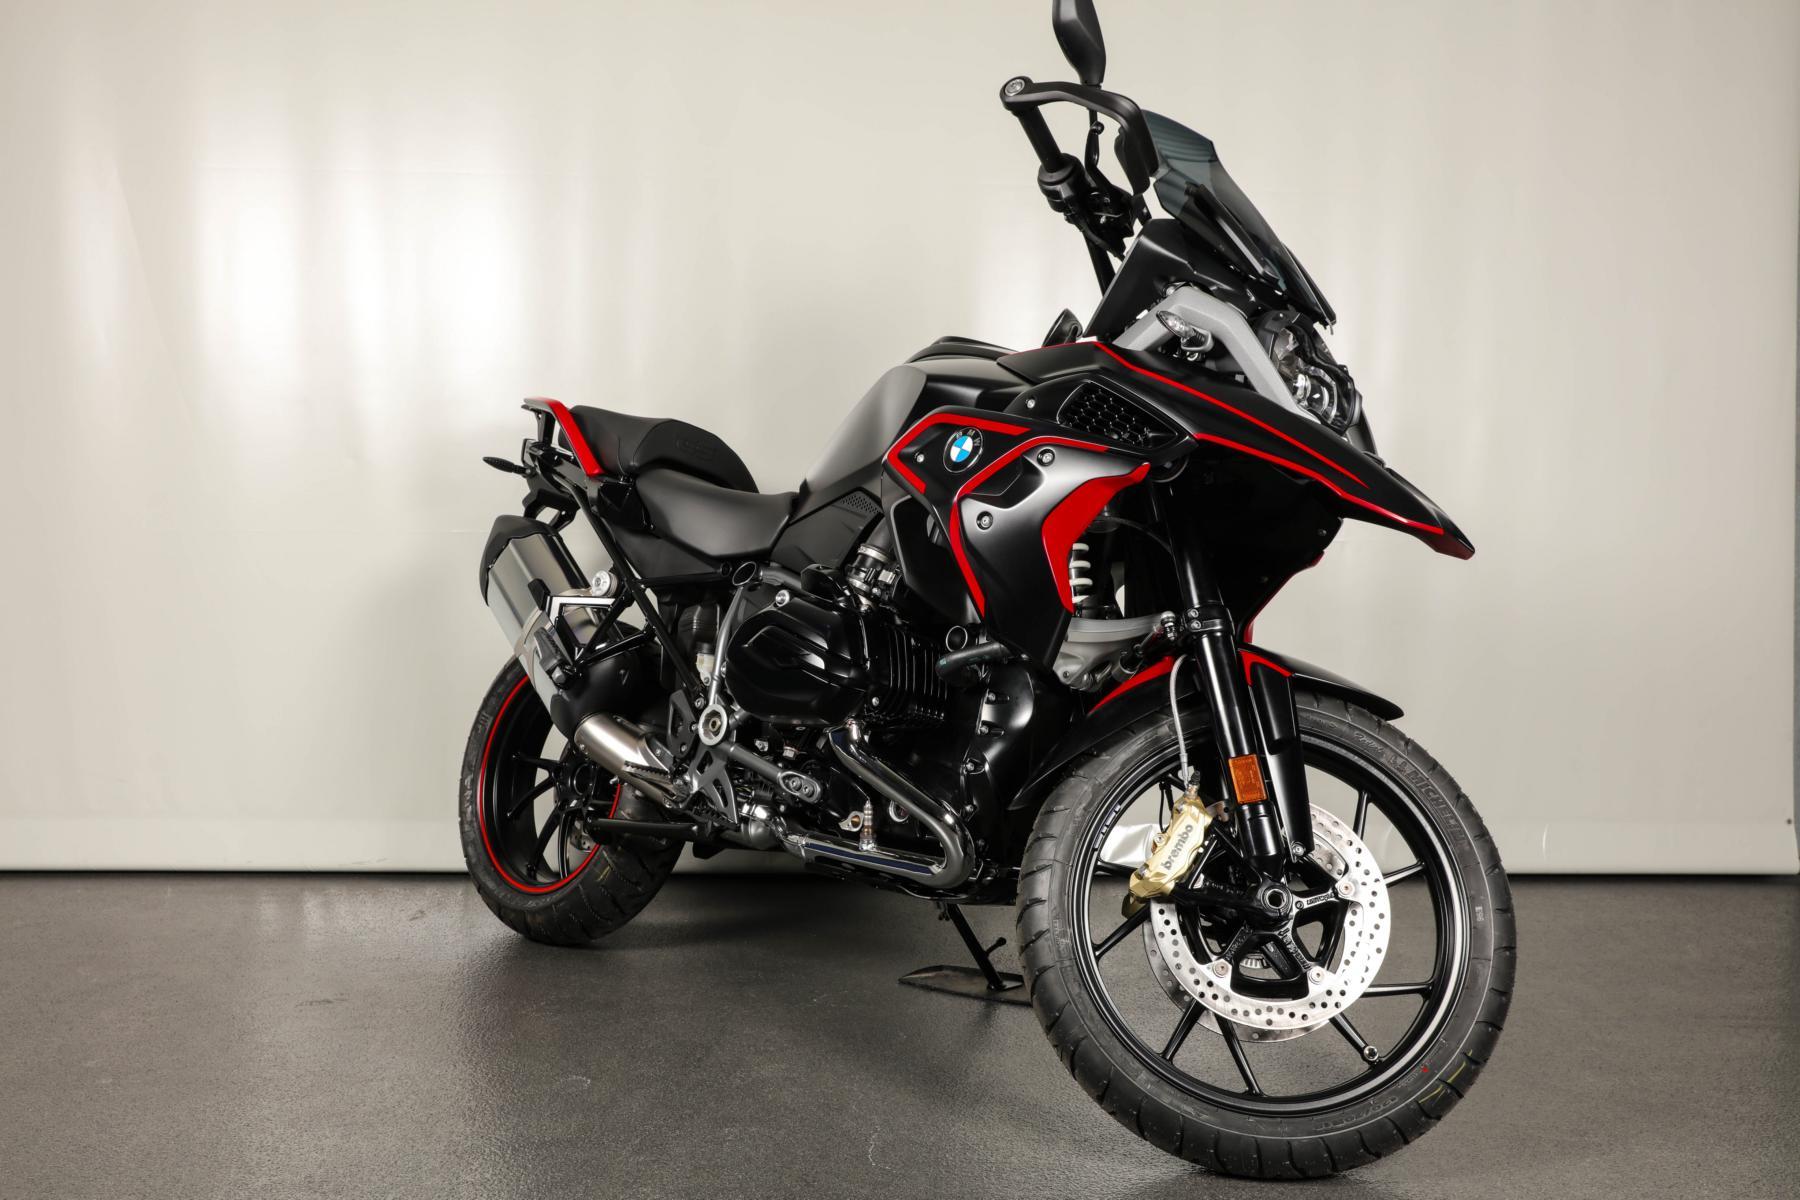 R1200GS Fuchs Edition